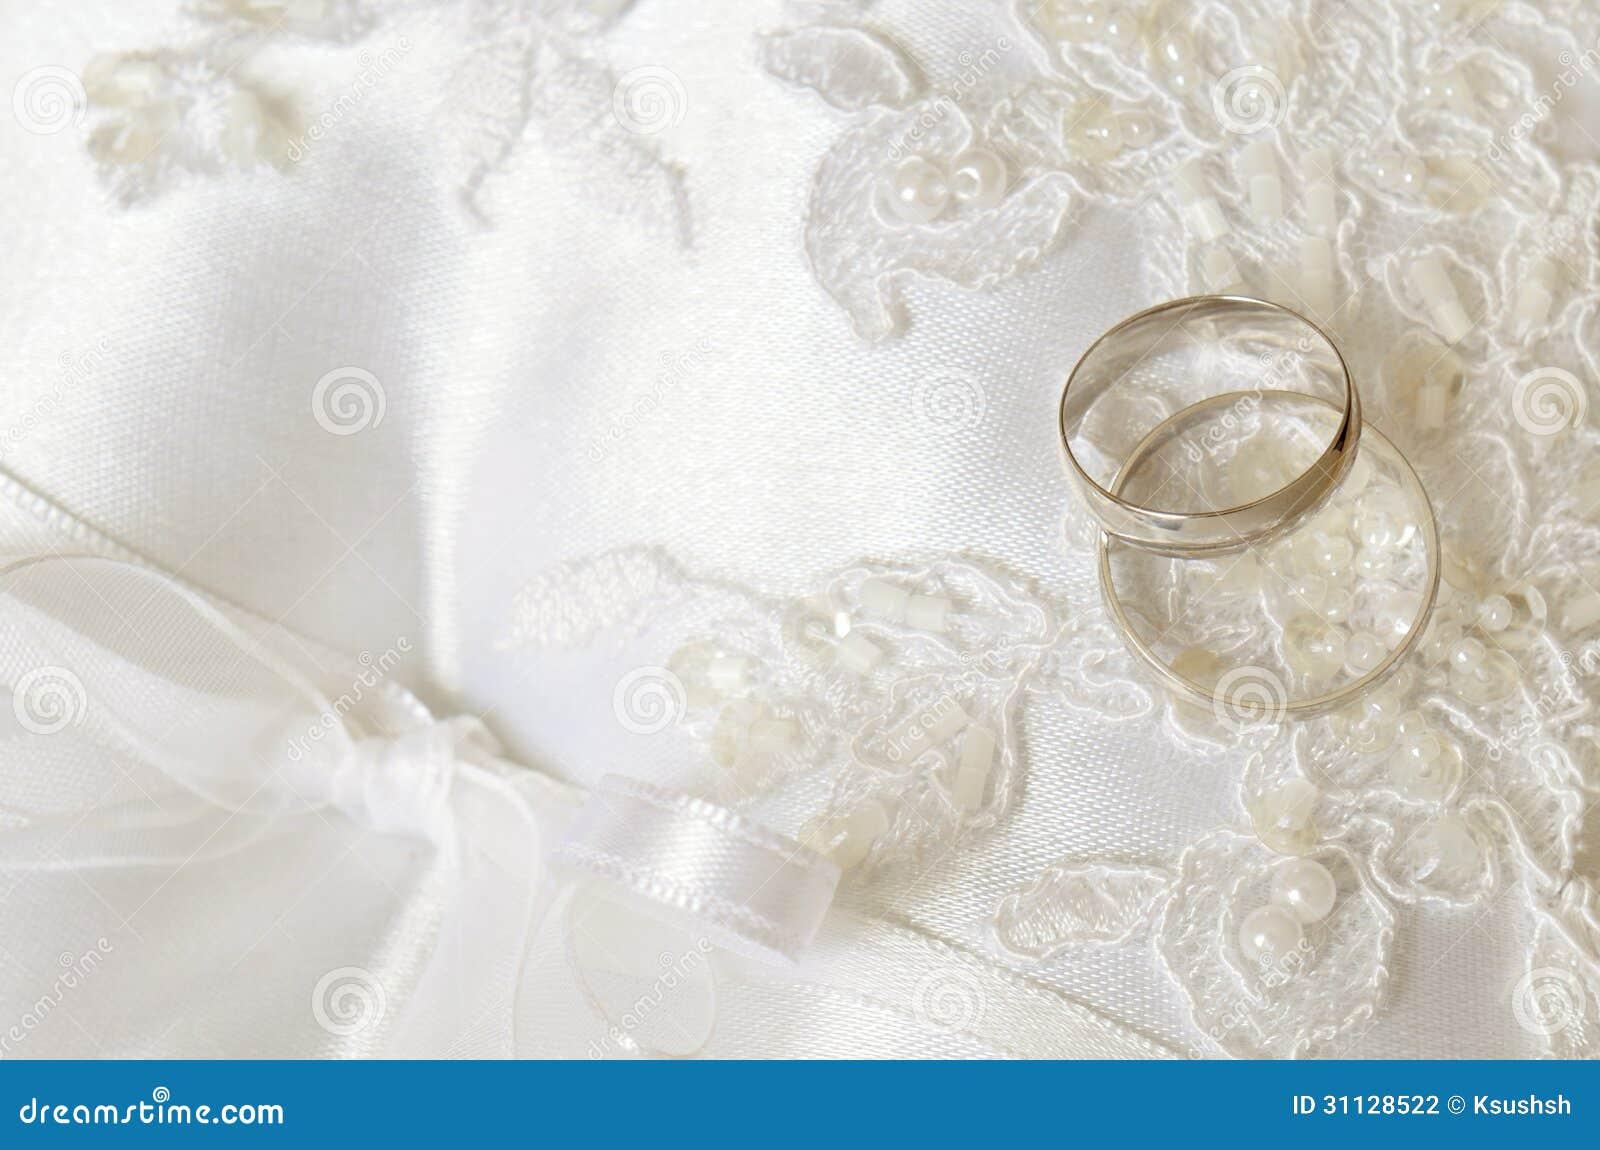 wedding background stock photography - photo #36